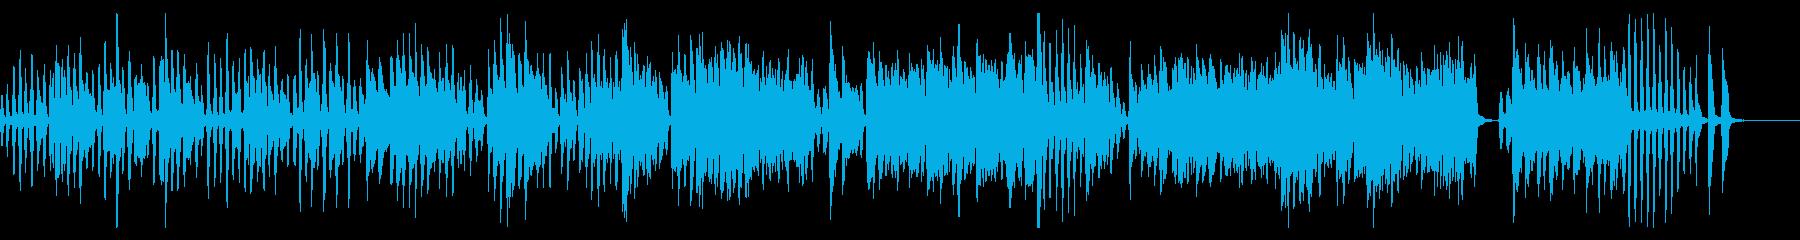 トマ/ガヴォット/へたっぴ/バイオリンの再生済みの波形